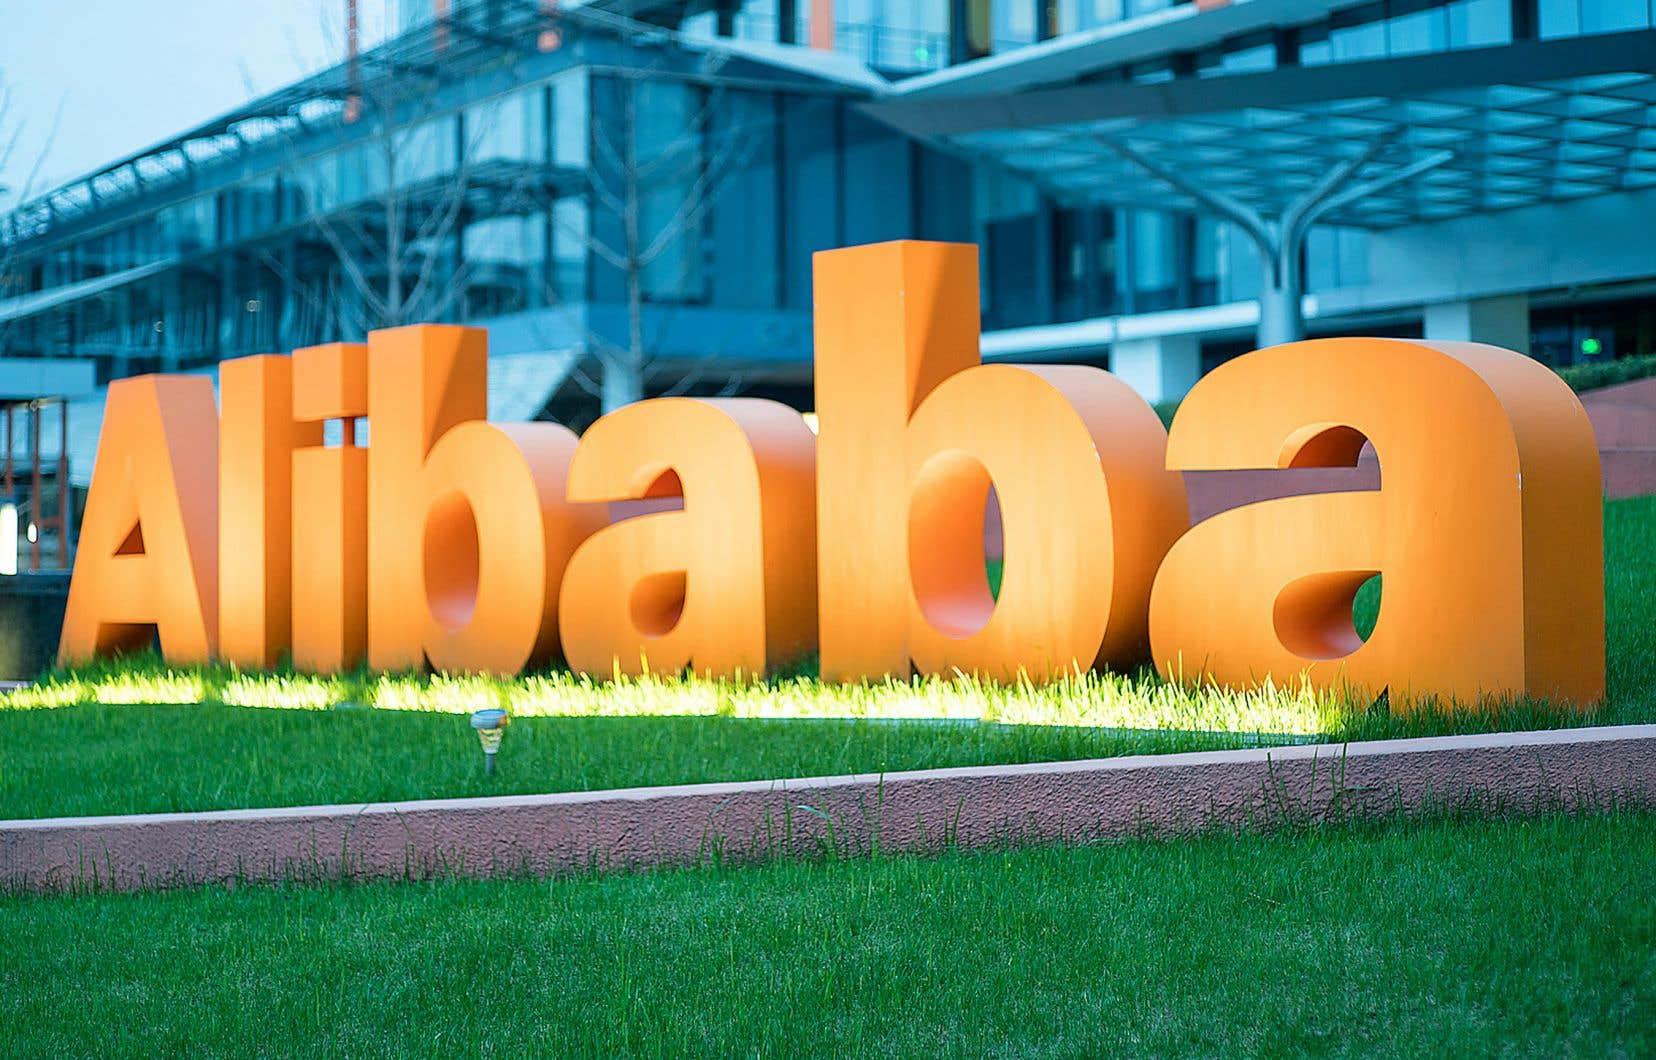 Alibaba faisait l'objet d'une enquête des autorités chinoises depuis décembre pour «suspicion de pratiques monopolistiques».